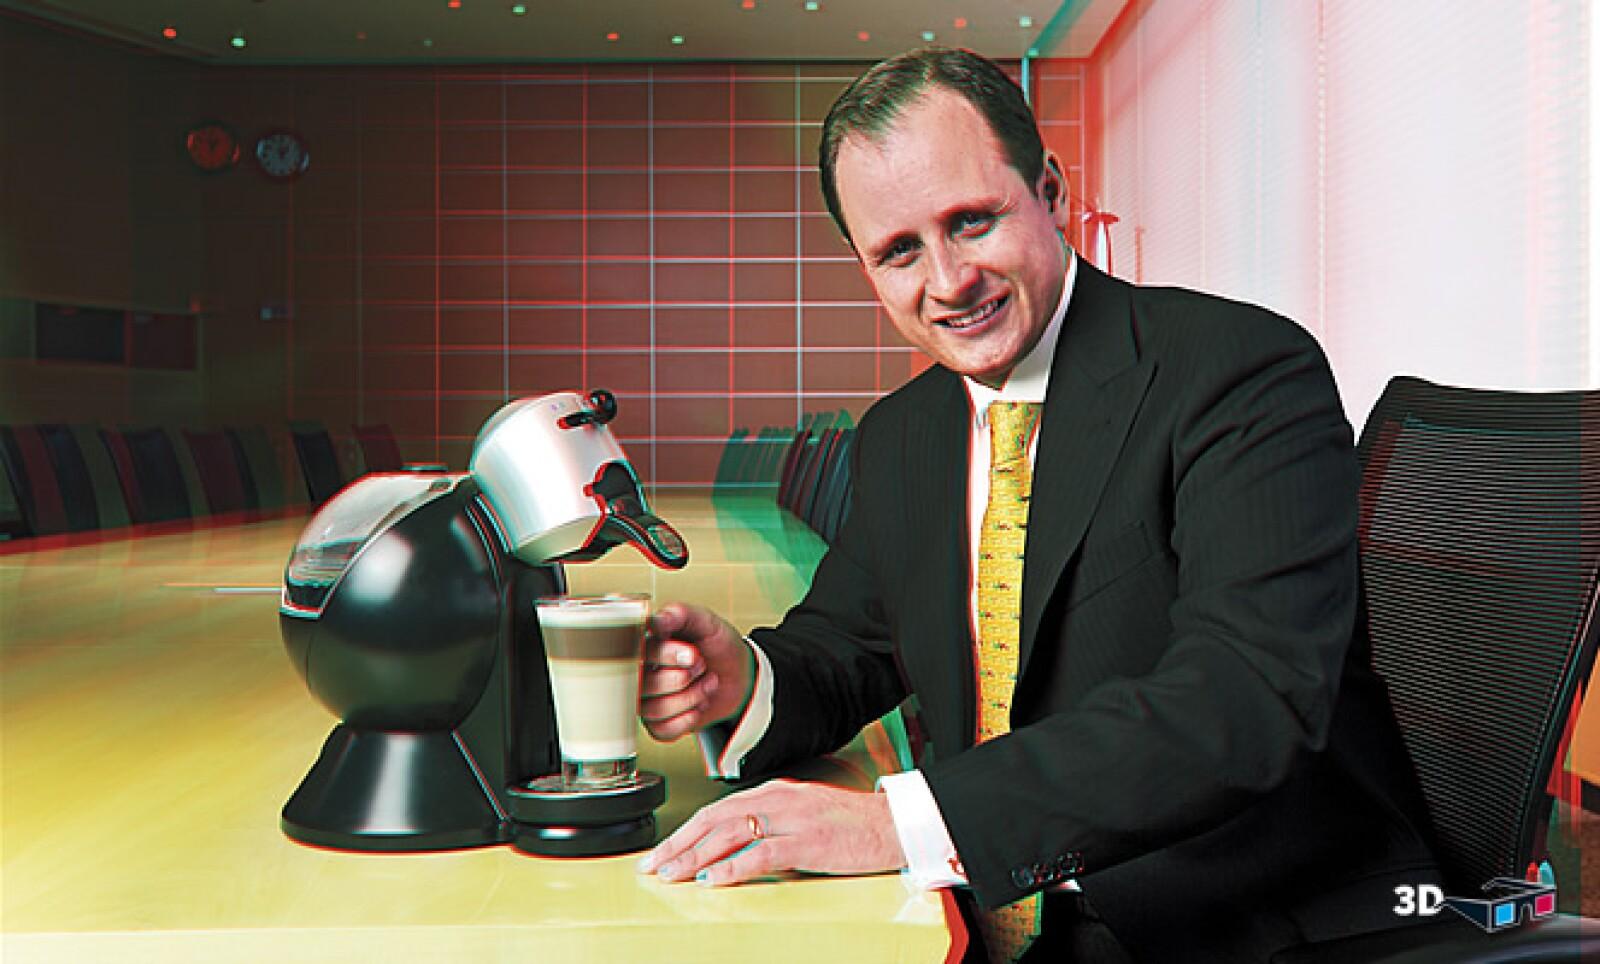 Enrique Maldonado, business manager de Nescafé Dolce Gusto. CAMPAÑA: Date gusto. PRODUCTO: Dolce Gusto. AGENCIAS: McCann Erickson, Ogilvy y Sweet Ad.